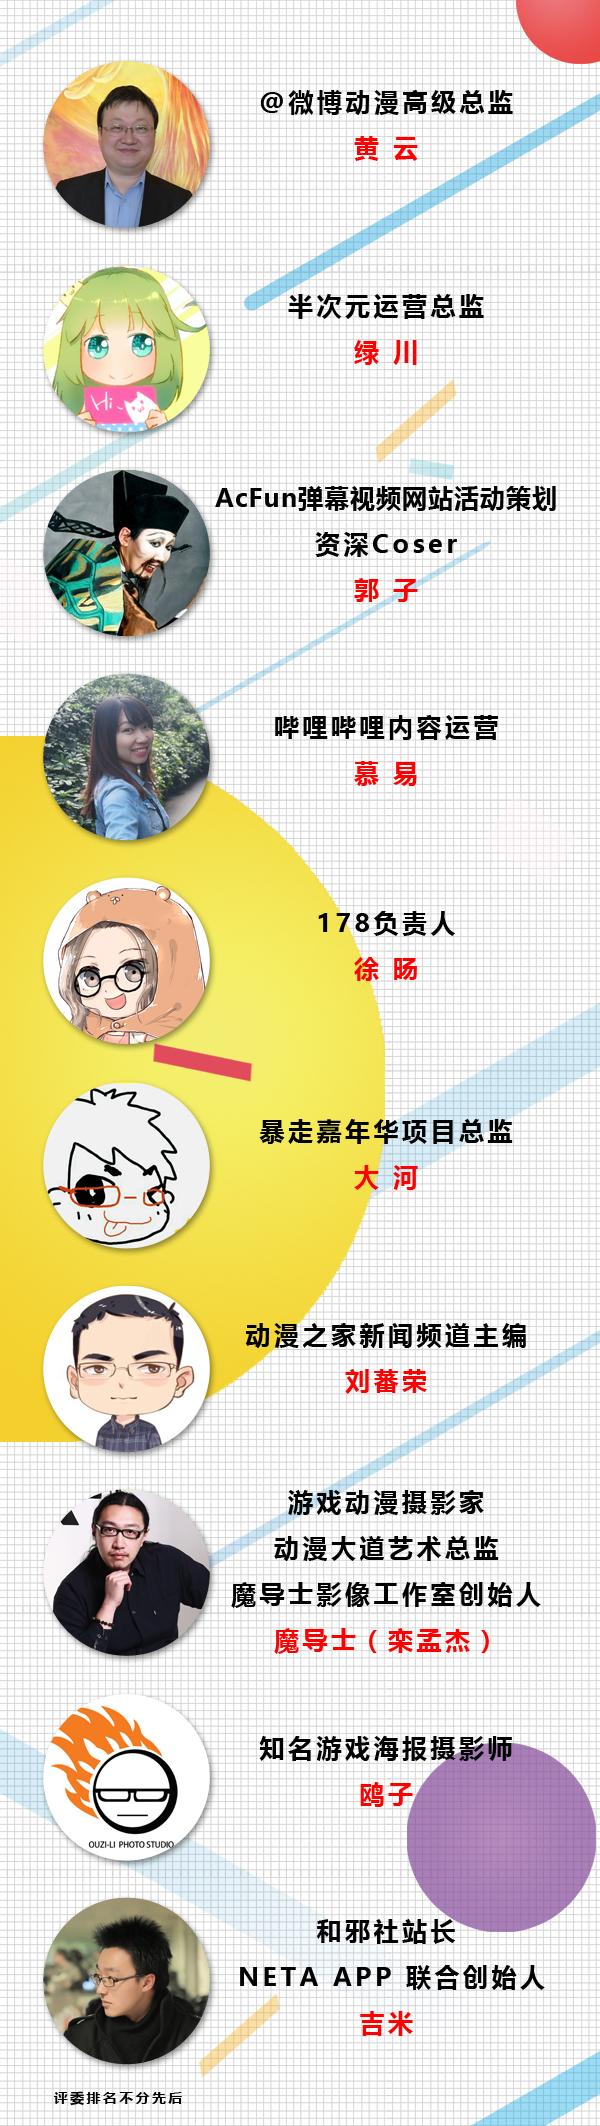 【上海】封面大赛全线开赛  评委名单正式公布!-ANICOGA